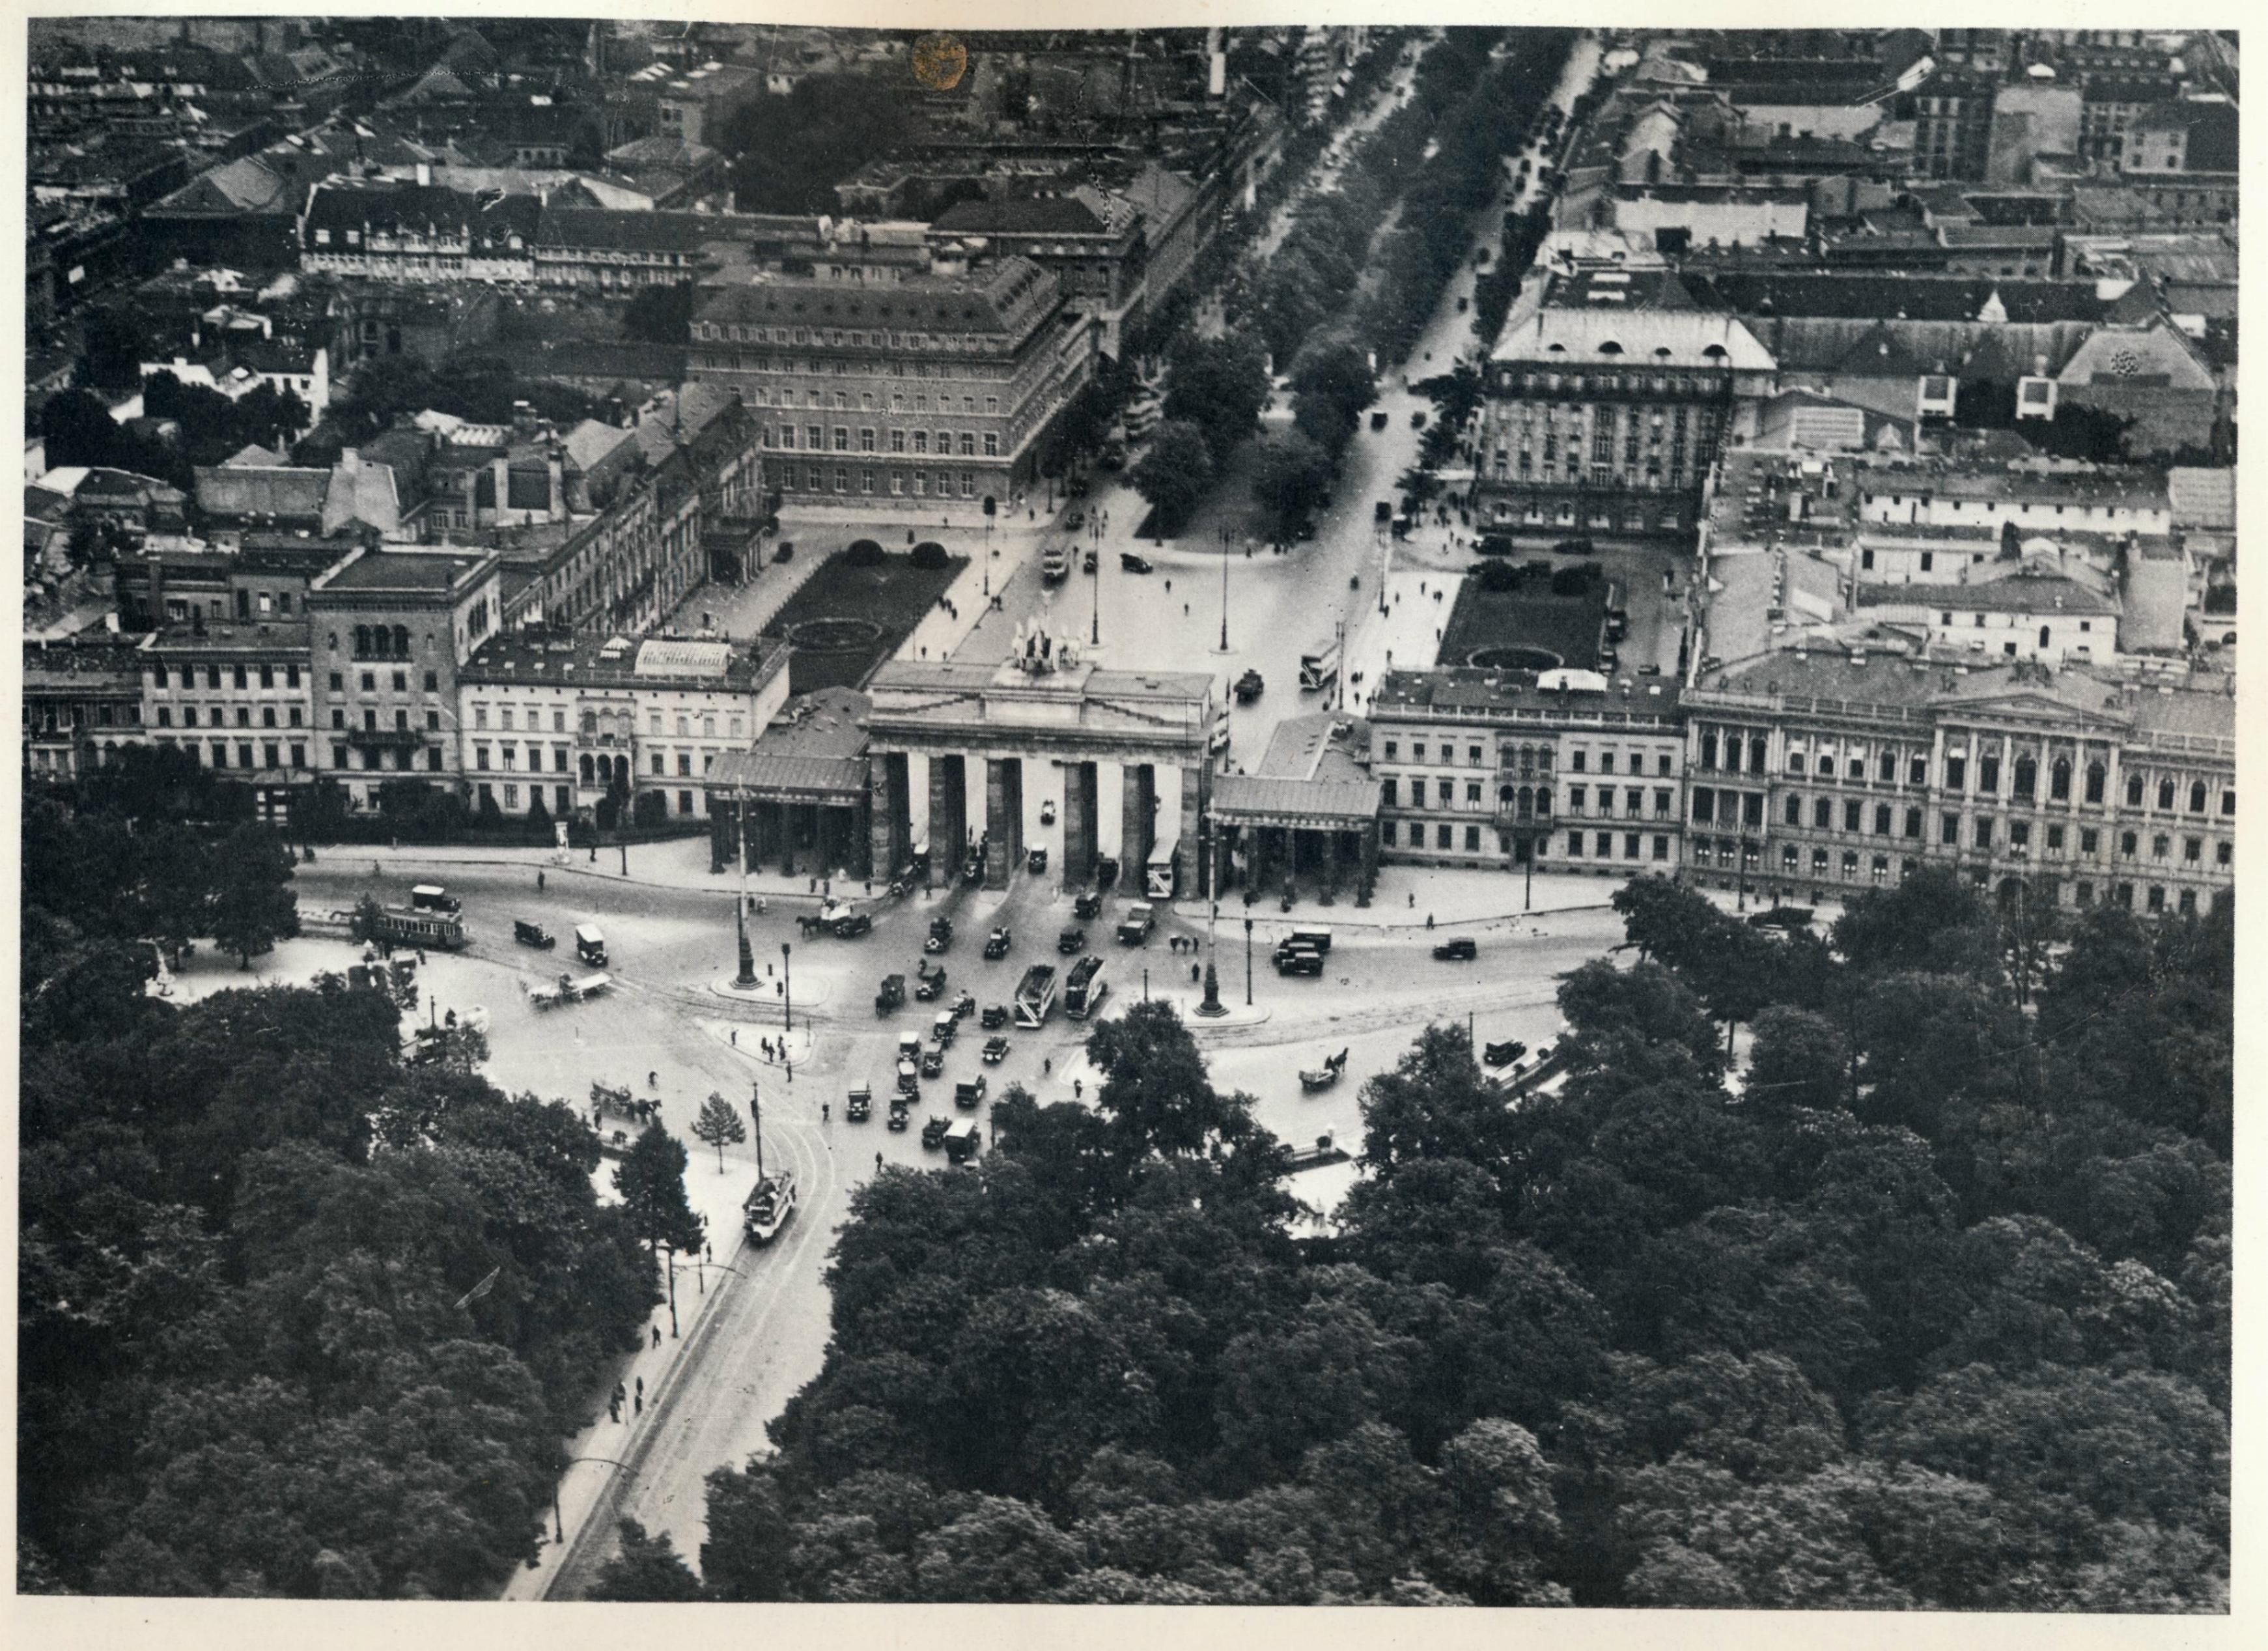 Der Pariser Platz Berlin Um 1920 O P Berlin Geschichte Berlin Luftaufnahme